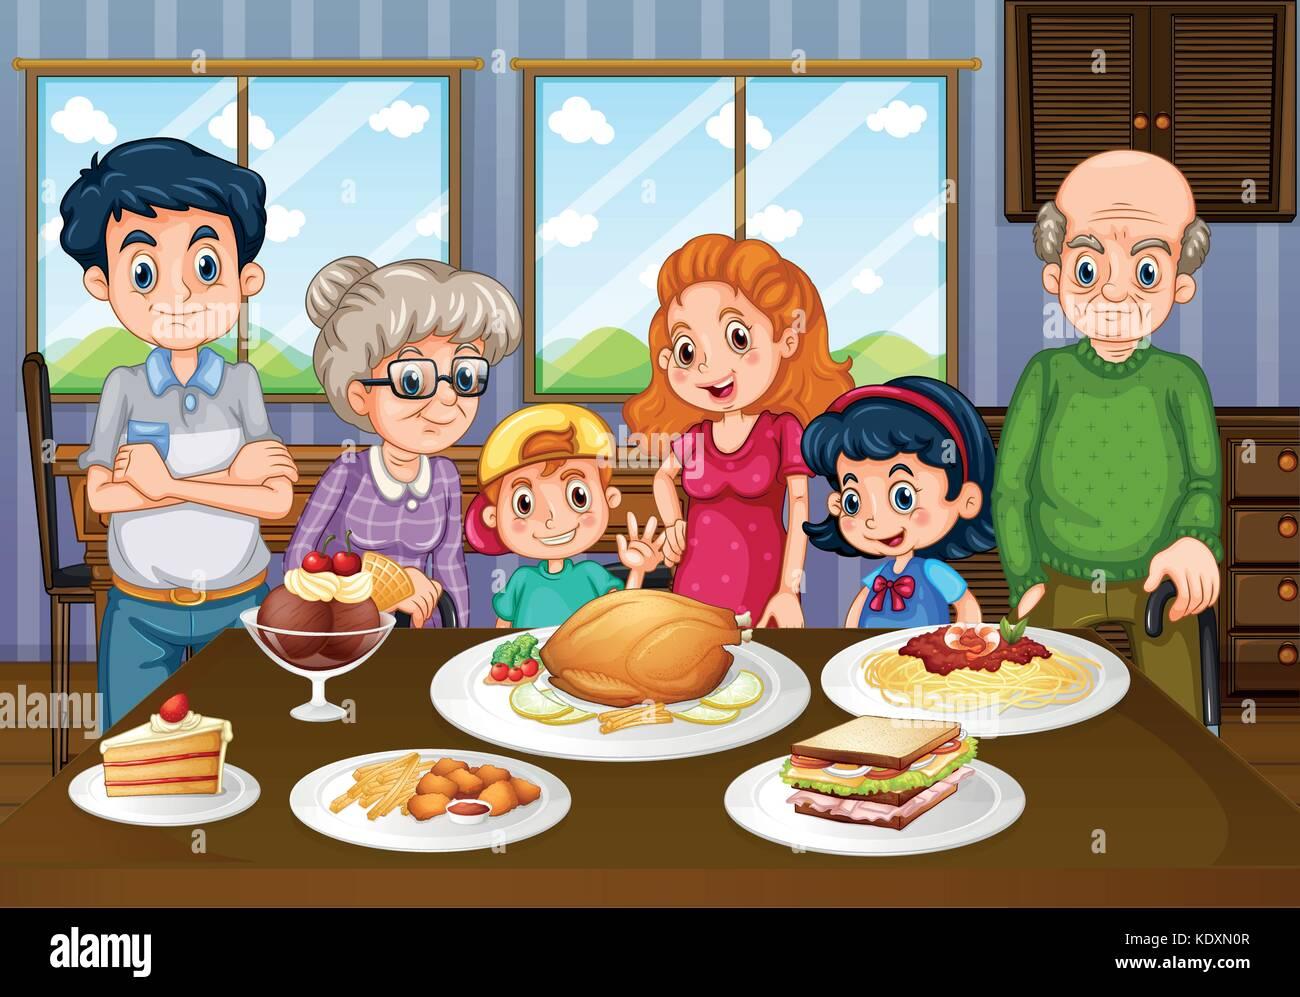 Famiglia Avente Pasto Insieme Nella Sala Da Pranzo Illustrazione Immagine E Vettoriale Alamy